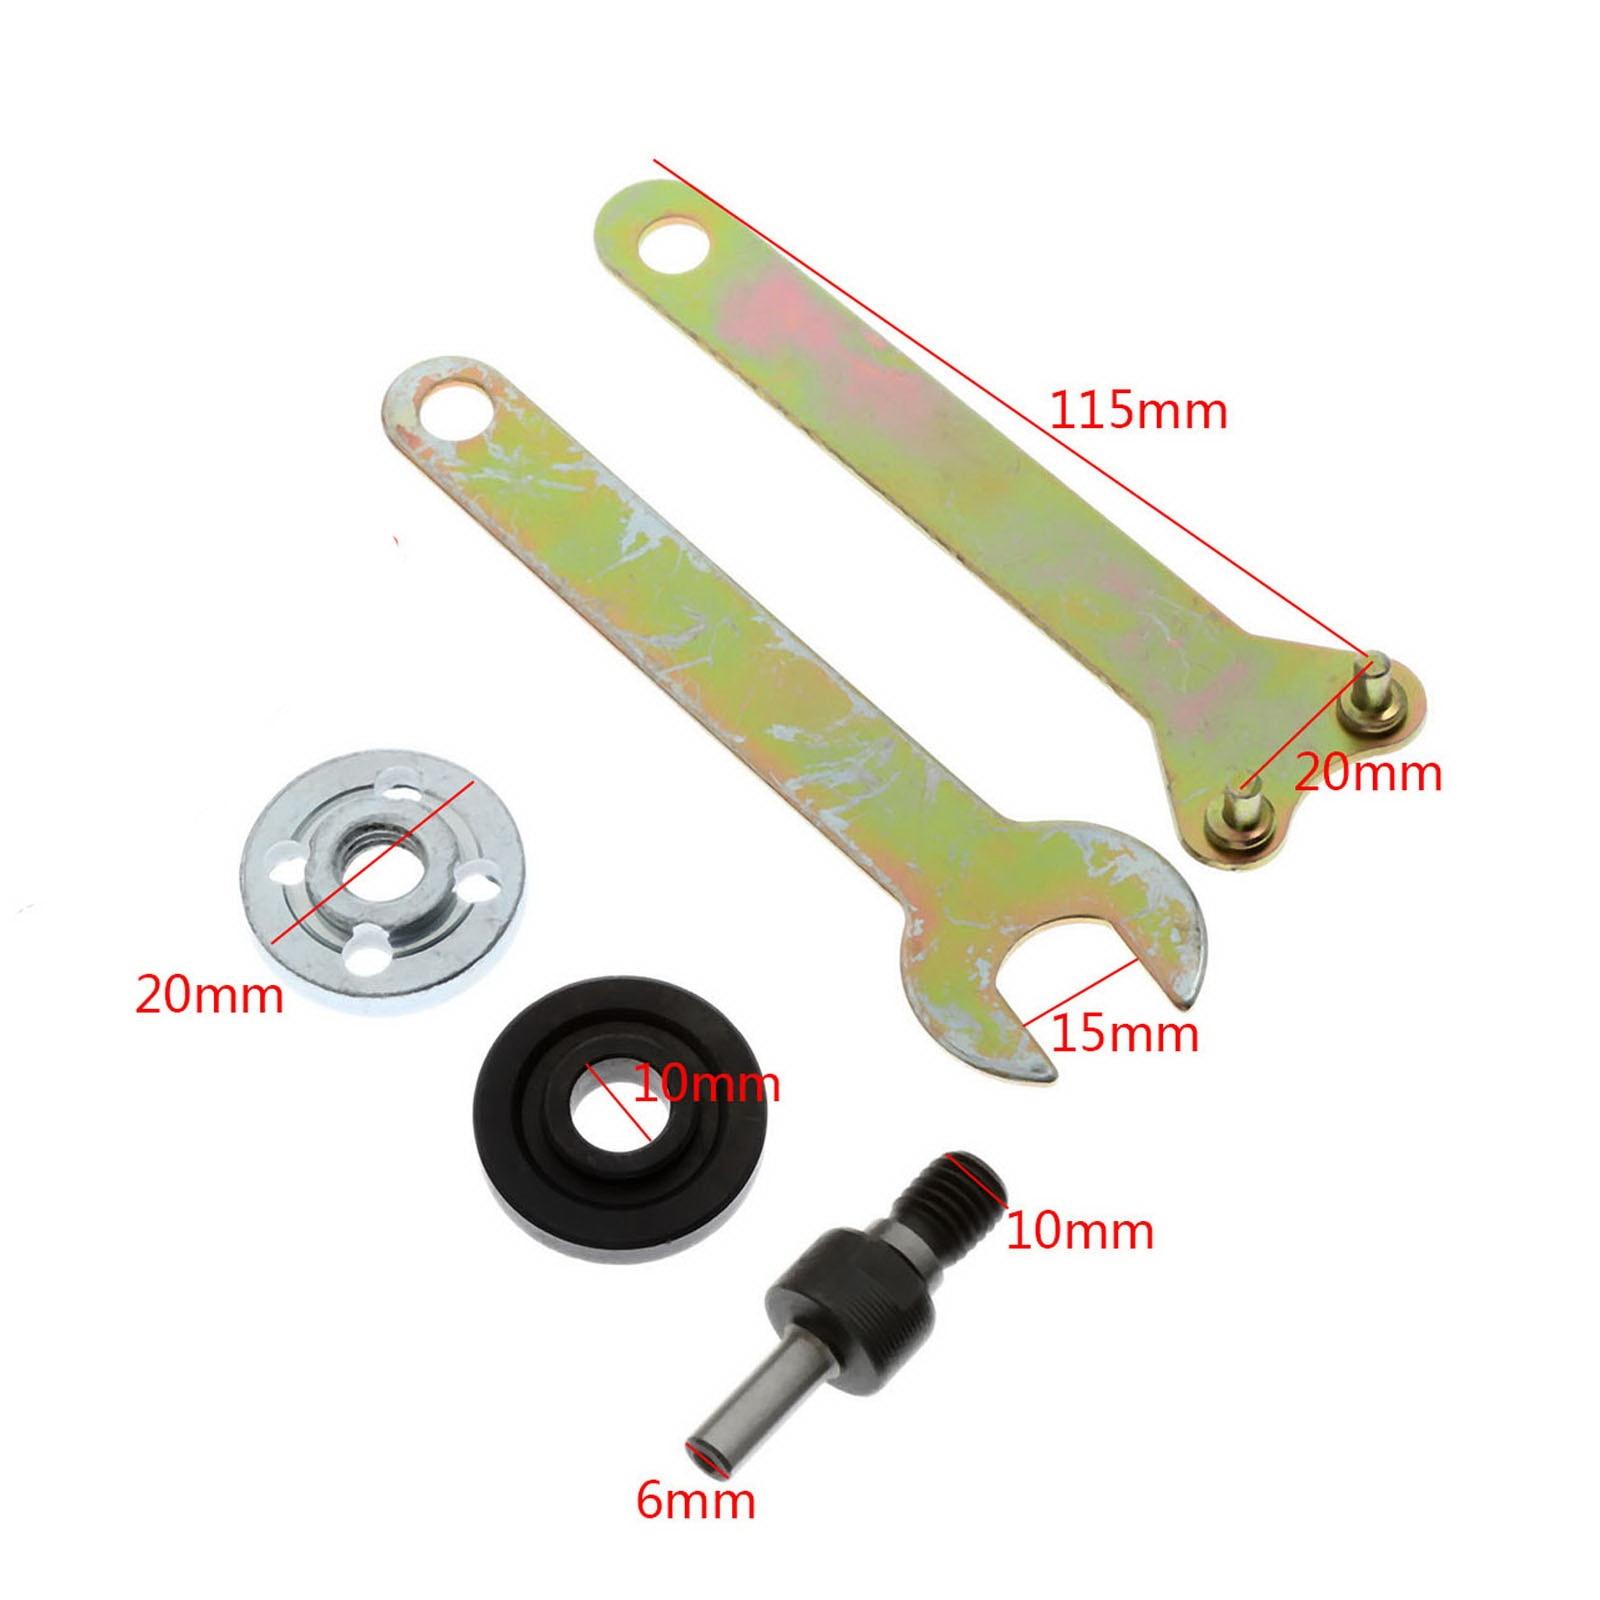 5 uds. Biela eléctrica taladro fresa de ángulos mango biela para amoladora disco de rueda de corte 6mm vástago redondo herramienta de conector